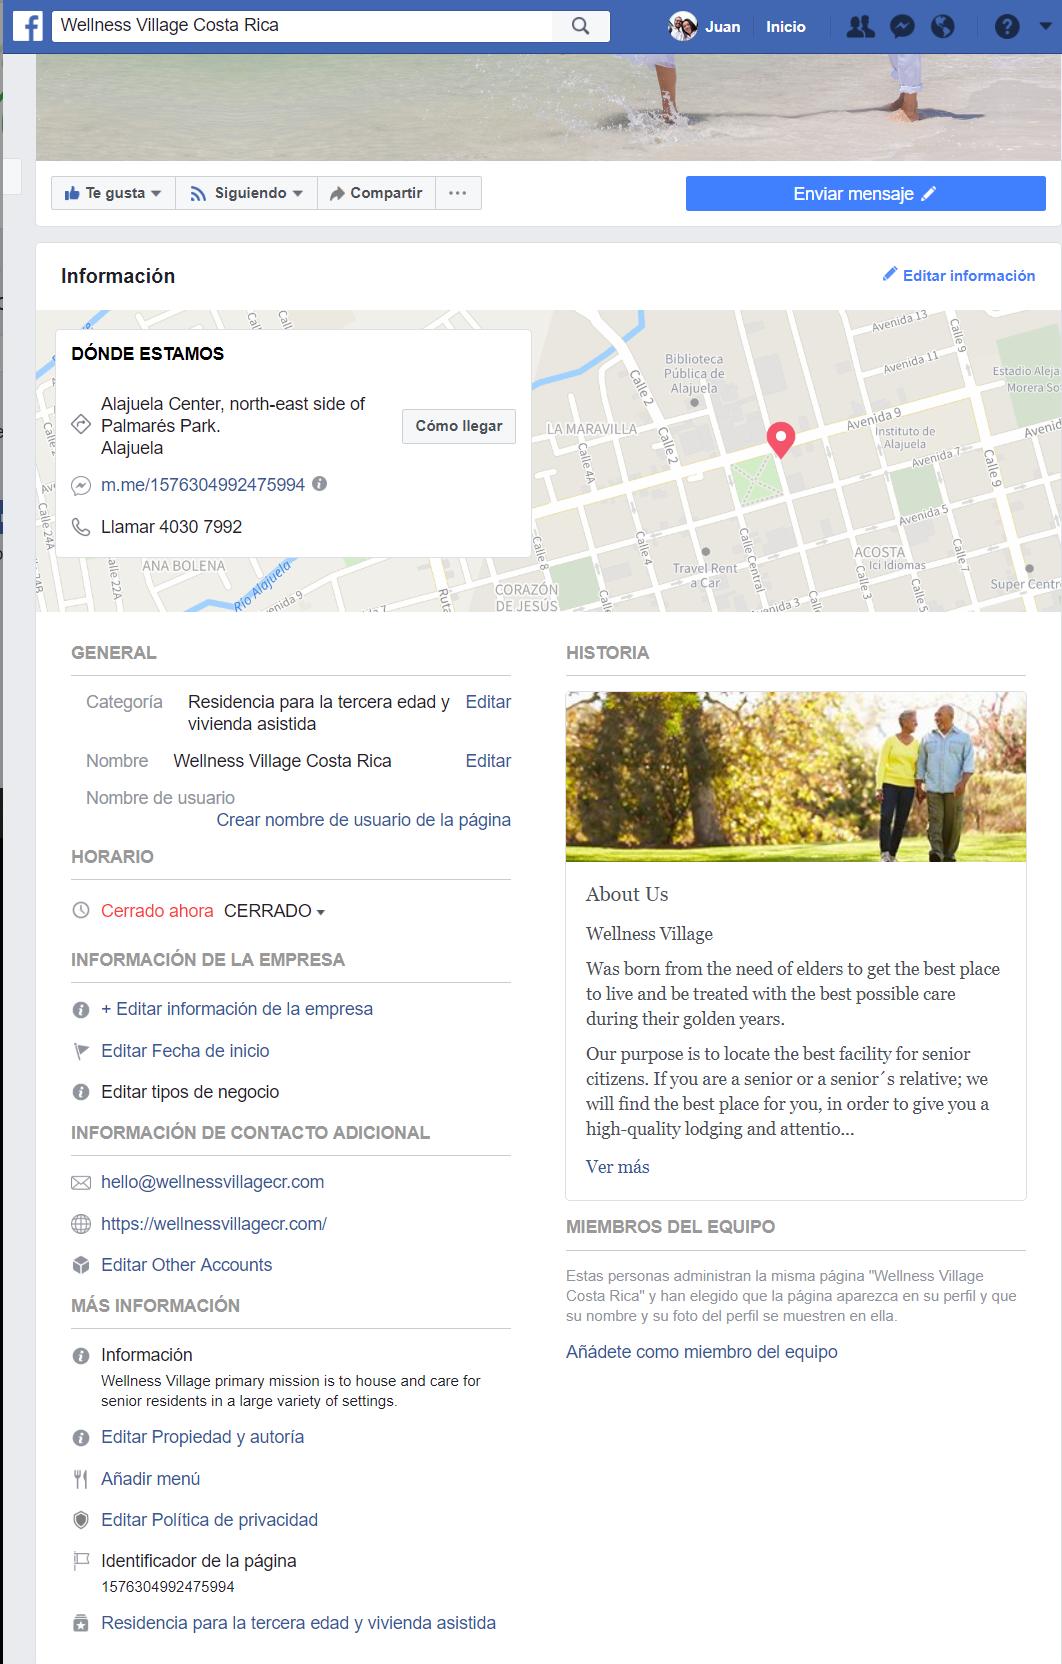 información completa de la página de facebook